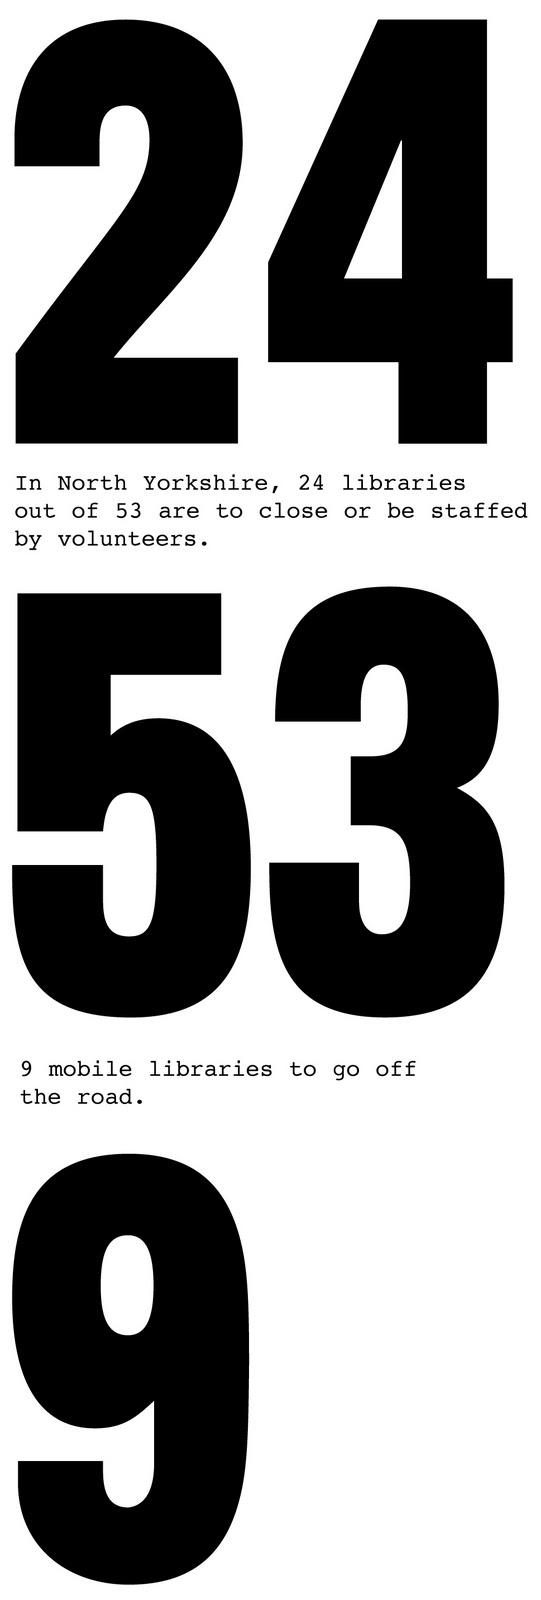 libraries_2.jpg